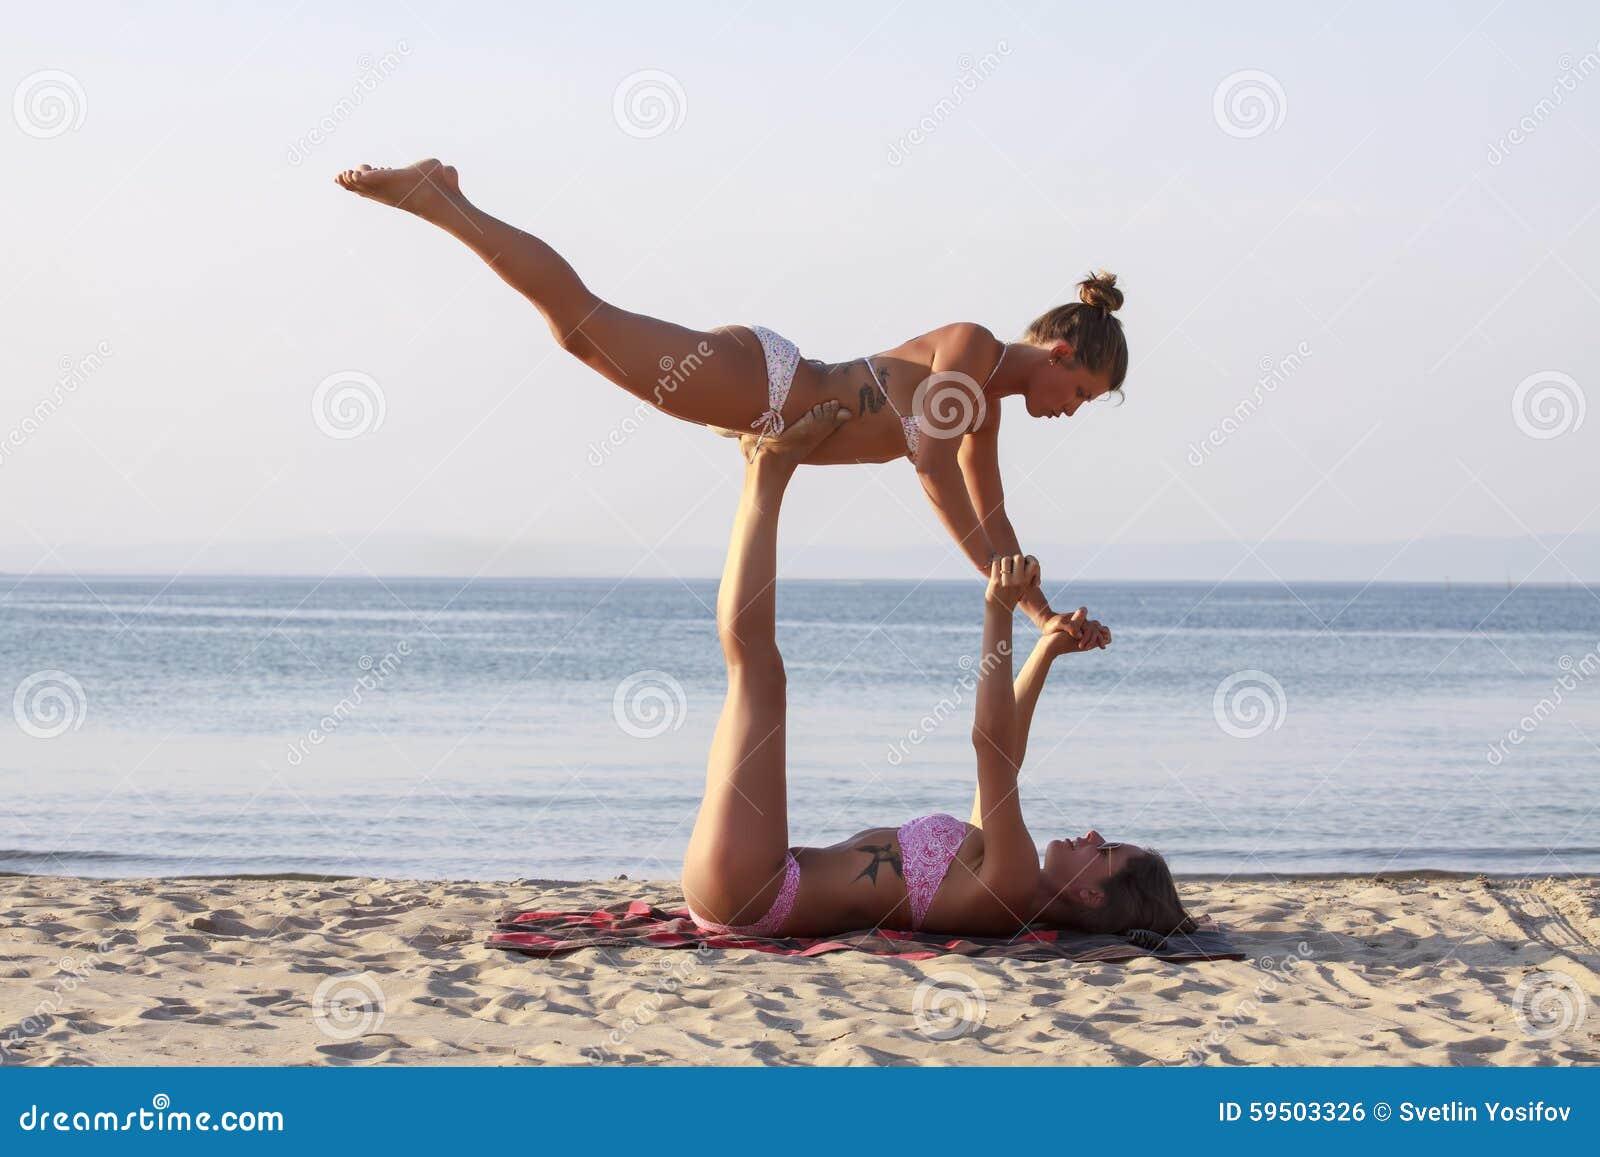 Acro Yoga II Stock Photo - Image: 59503326